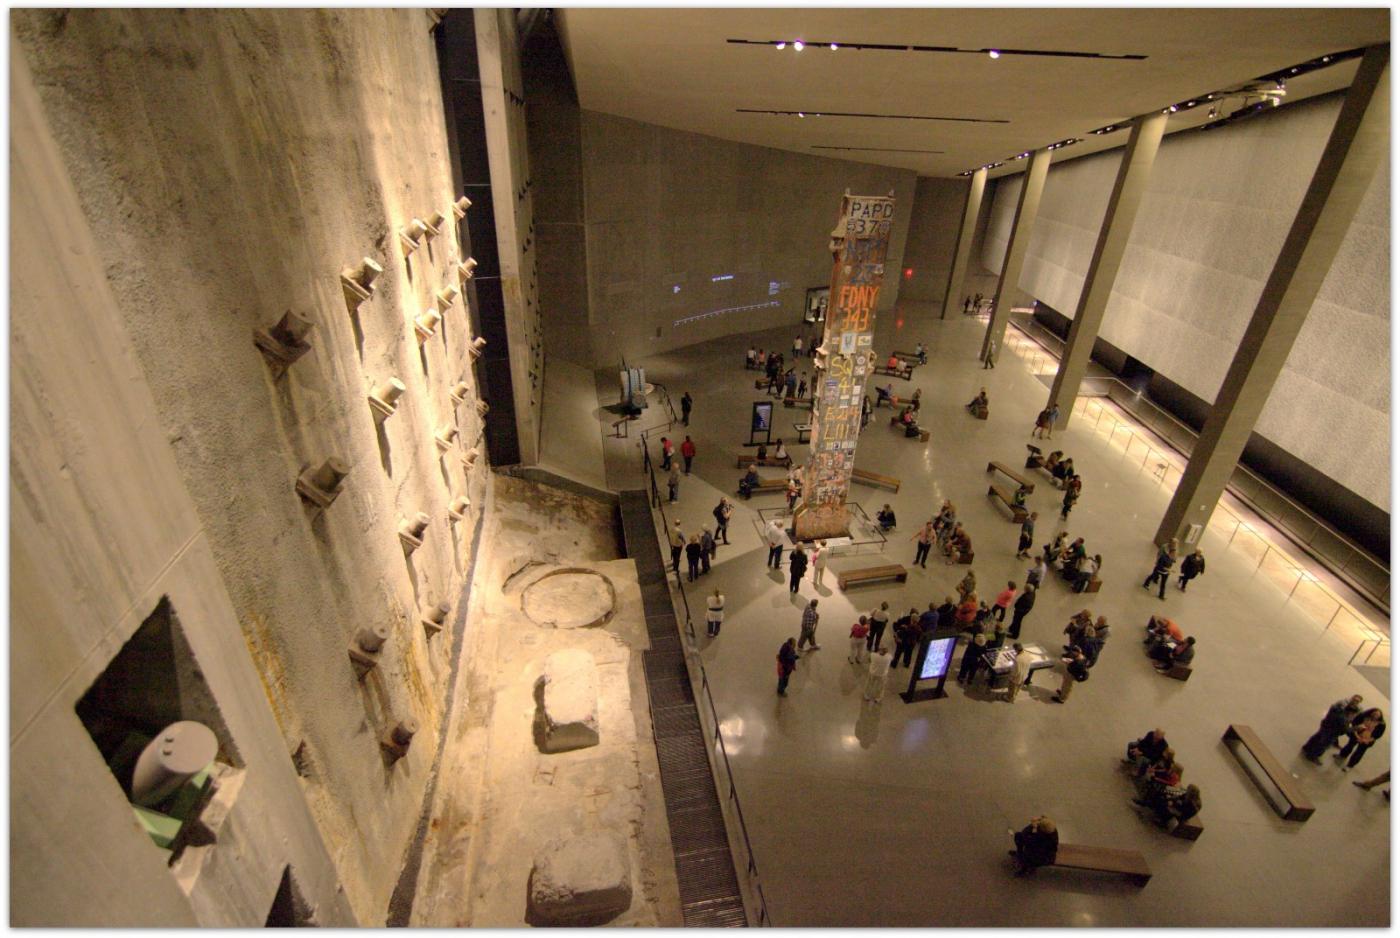 【爱摄影】911 纪念博物馆_图1-2